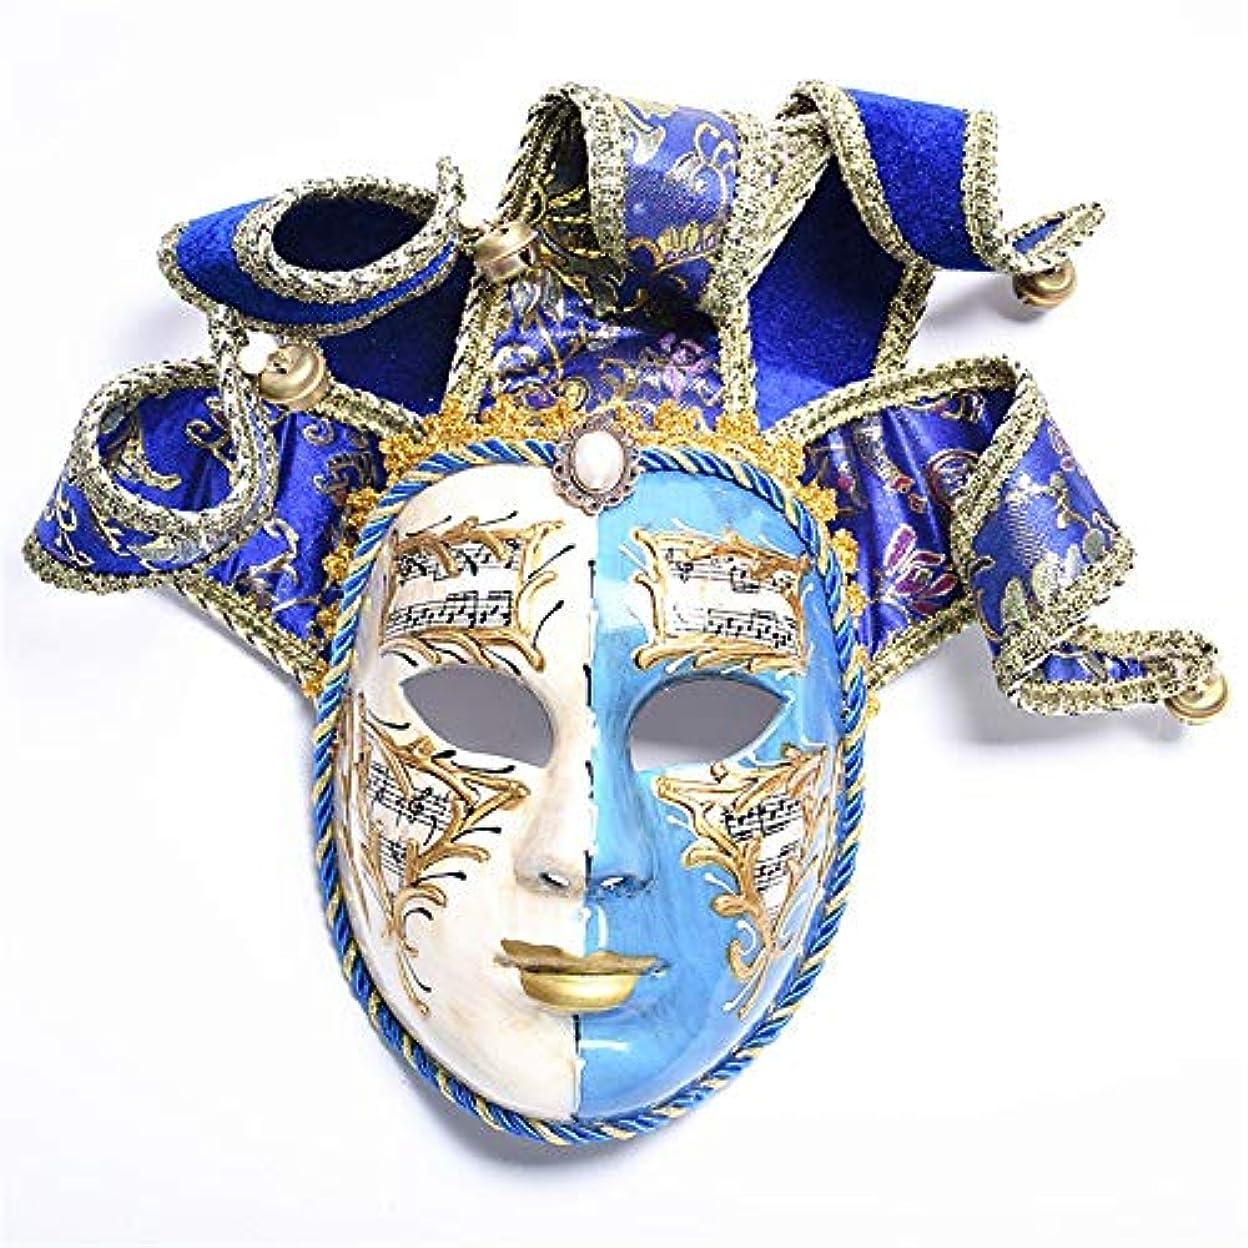 愛撫縞模様の断言するダンスマスク 青と白の2色フルフェイスマスクパーティーマスカレードマスクハロウィーンカーニバル祭コスプレナイトクラブパーティーマスク ホリデーパーティー用品 (色 : 青, サイズ : 33x31cm)